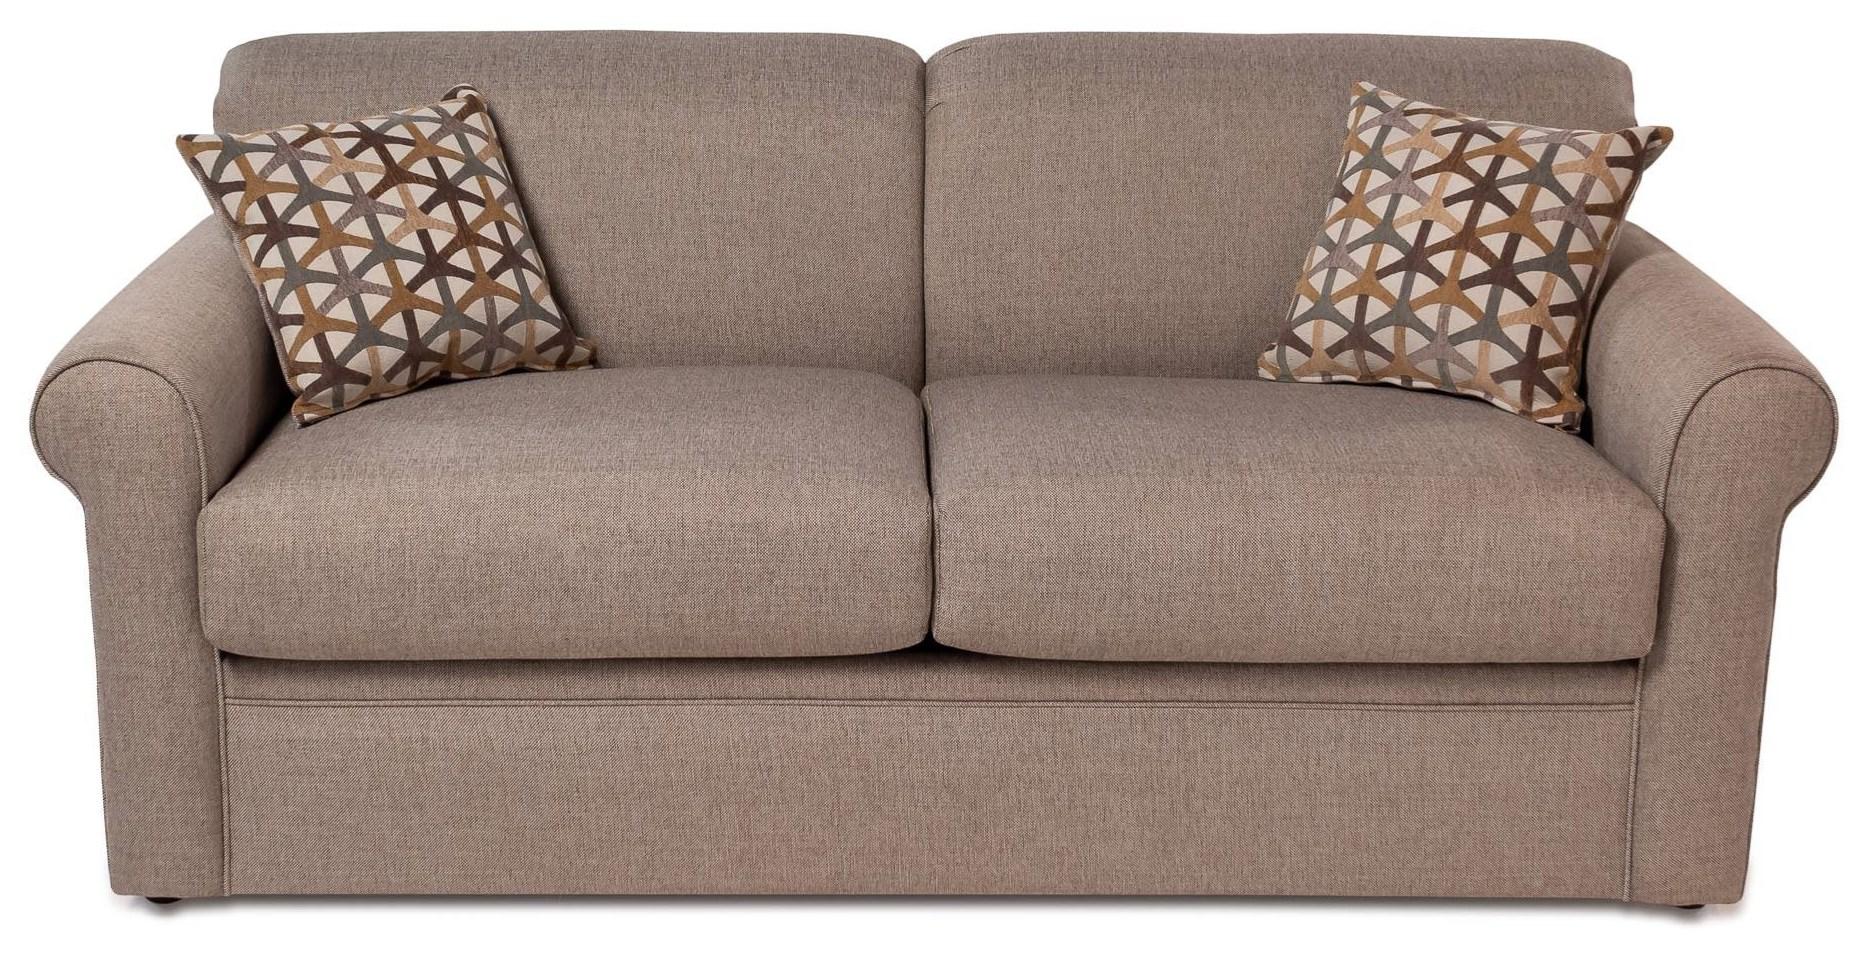 Overnight Sofa Grande Full Sleep Sofa - Item Number: 2346-GRANDEWHEAT